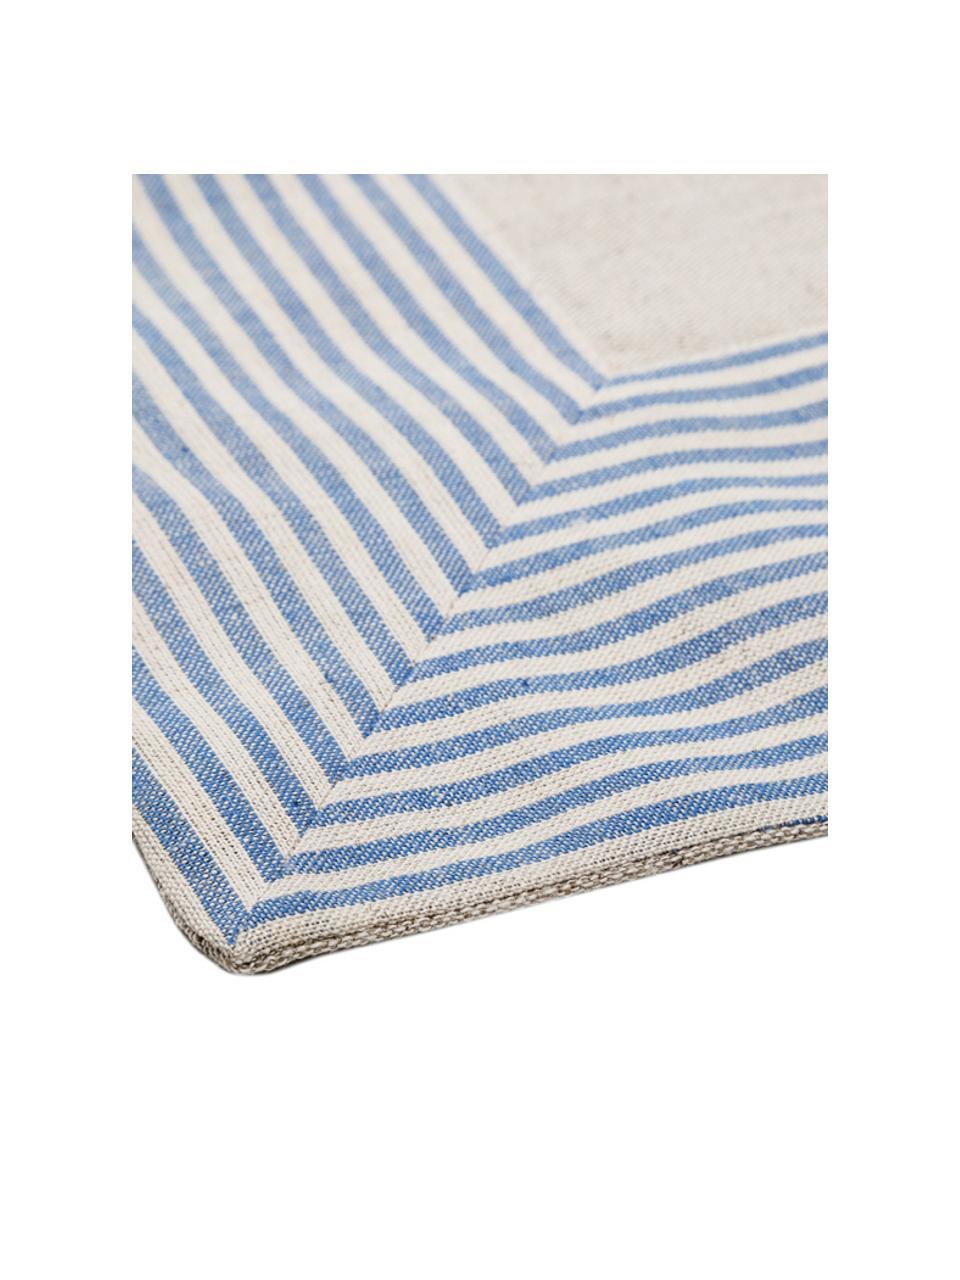 Obrus z mieszanki lnu Milda, Niebieski, beżowy, Dla 2-4 osób (S 90 x D 90 cm)